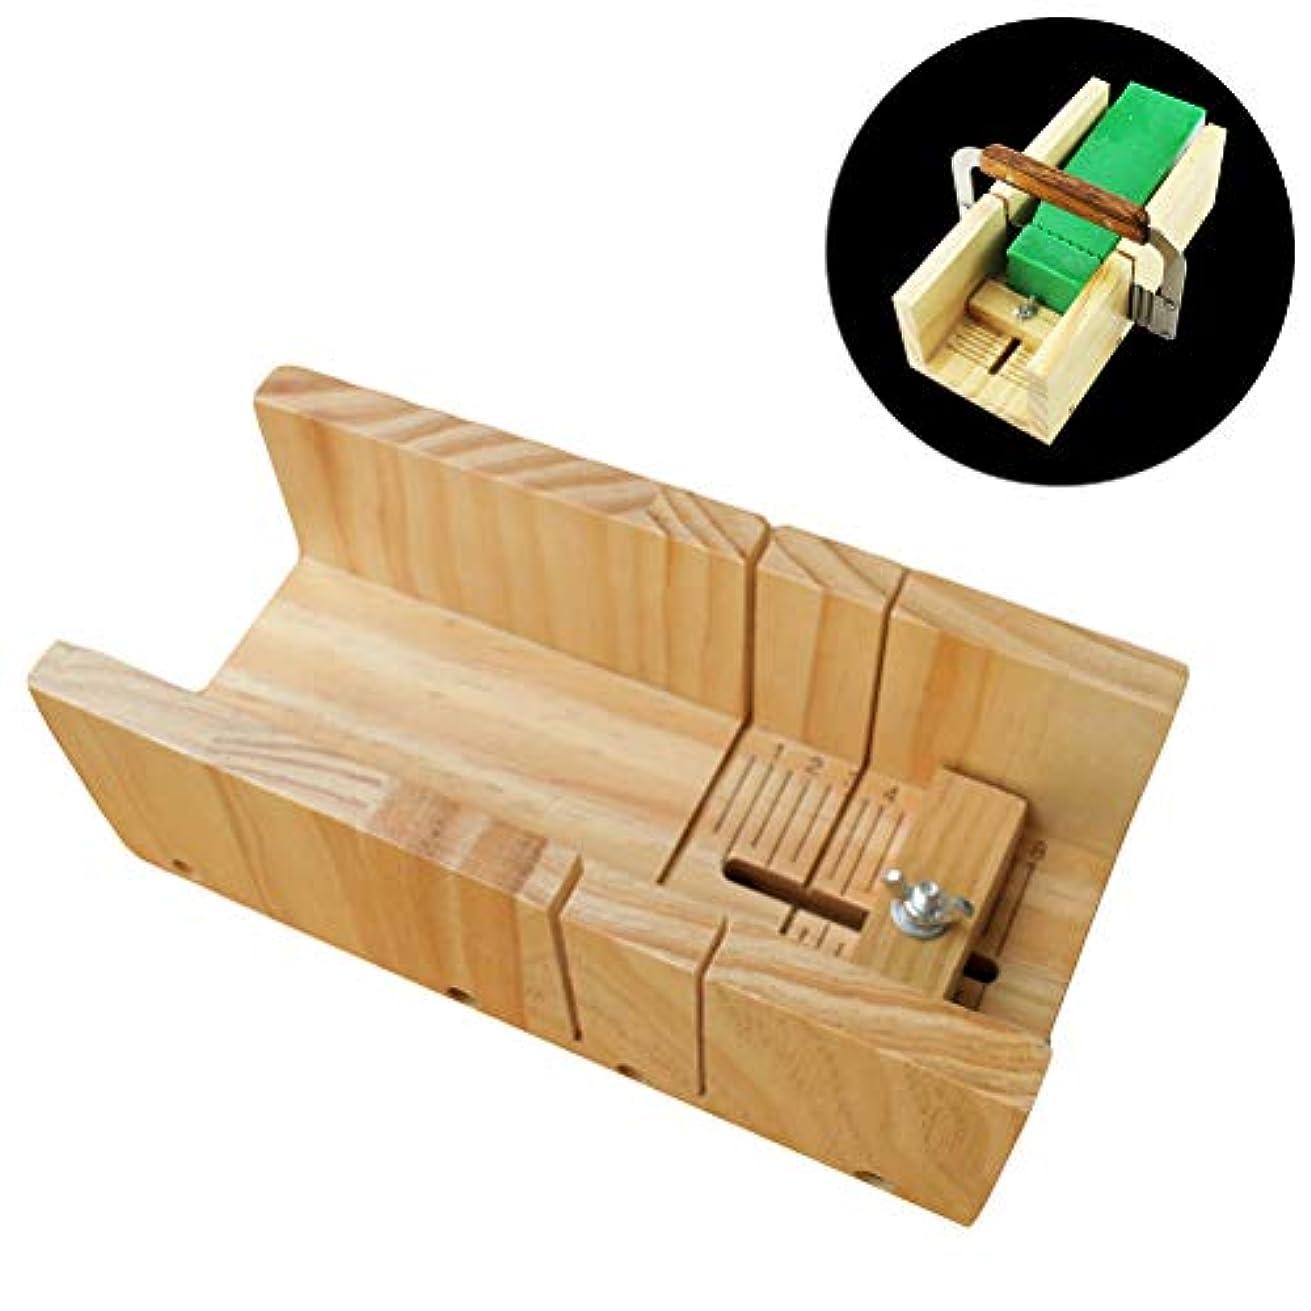 基準局ミッションHealifty 木製石鹸カッターモールド石鹸ロープモールド調節可能なカッターモールドボックス石鹸ツールを作る